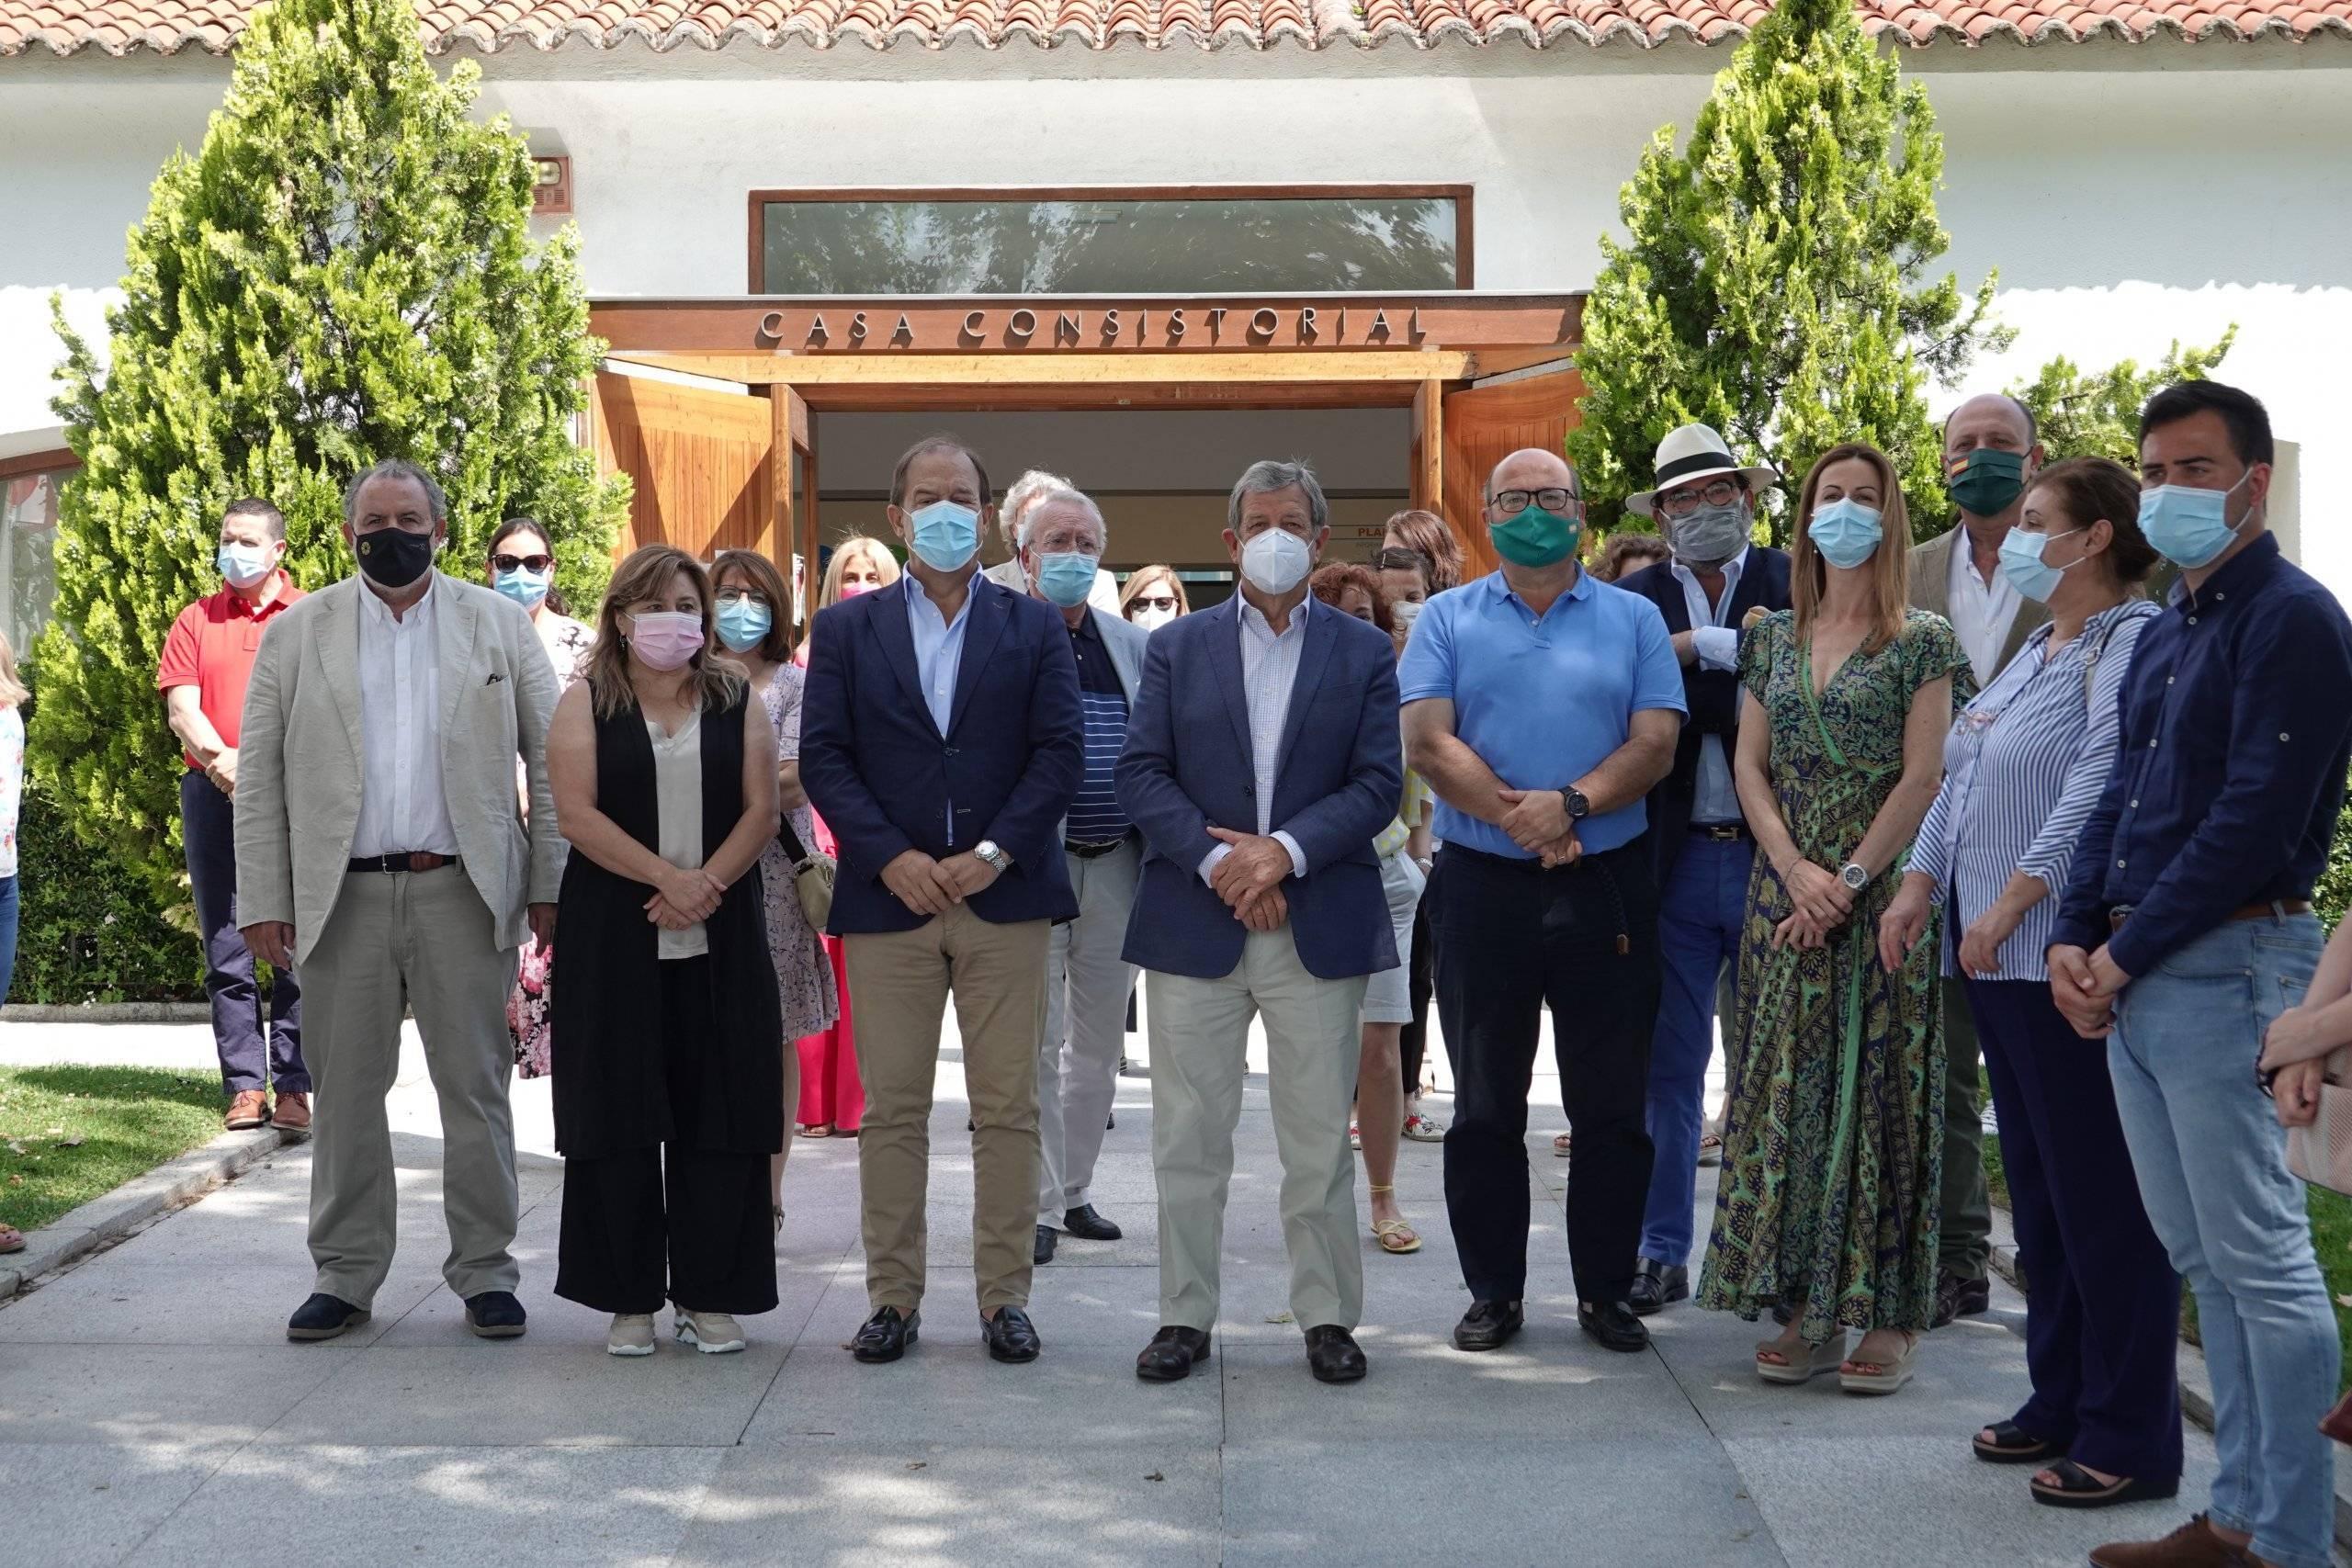 Alcalde, 1er. teniente de alcalde y miembros de la Corporación Municipal junto a vecinos que se han sumado al minuto de silencio.